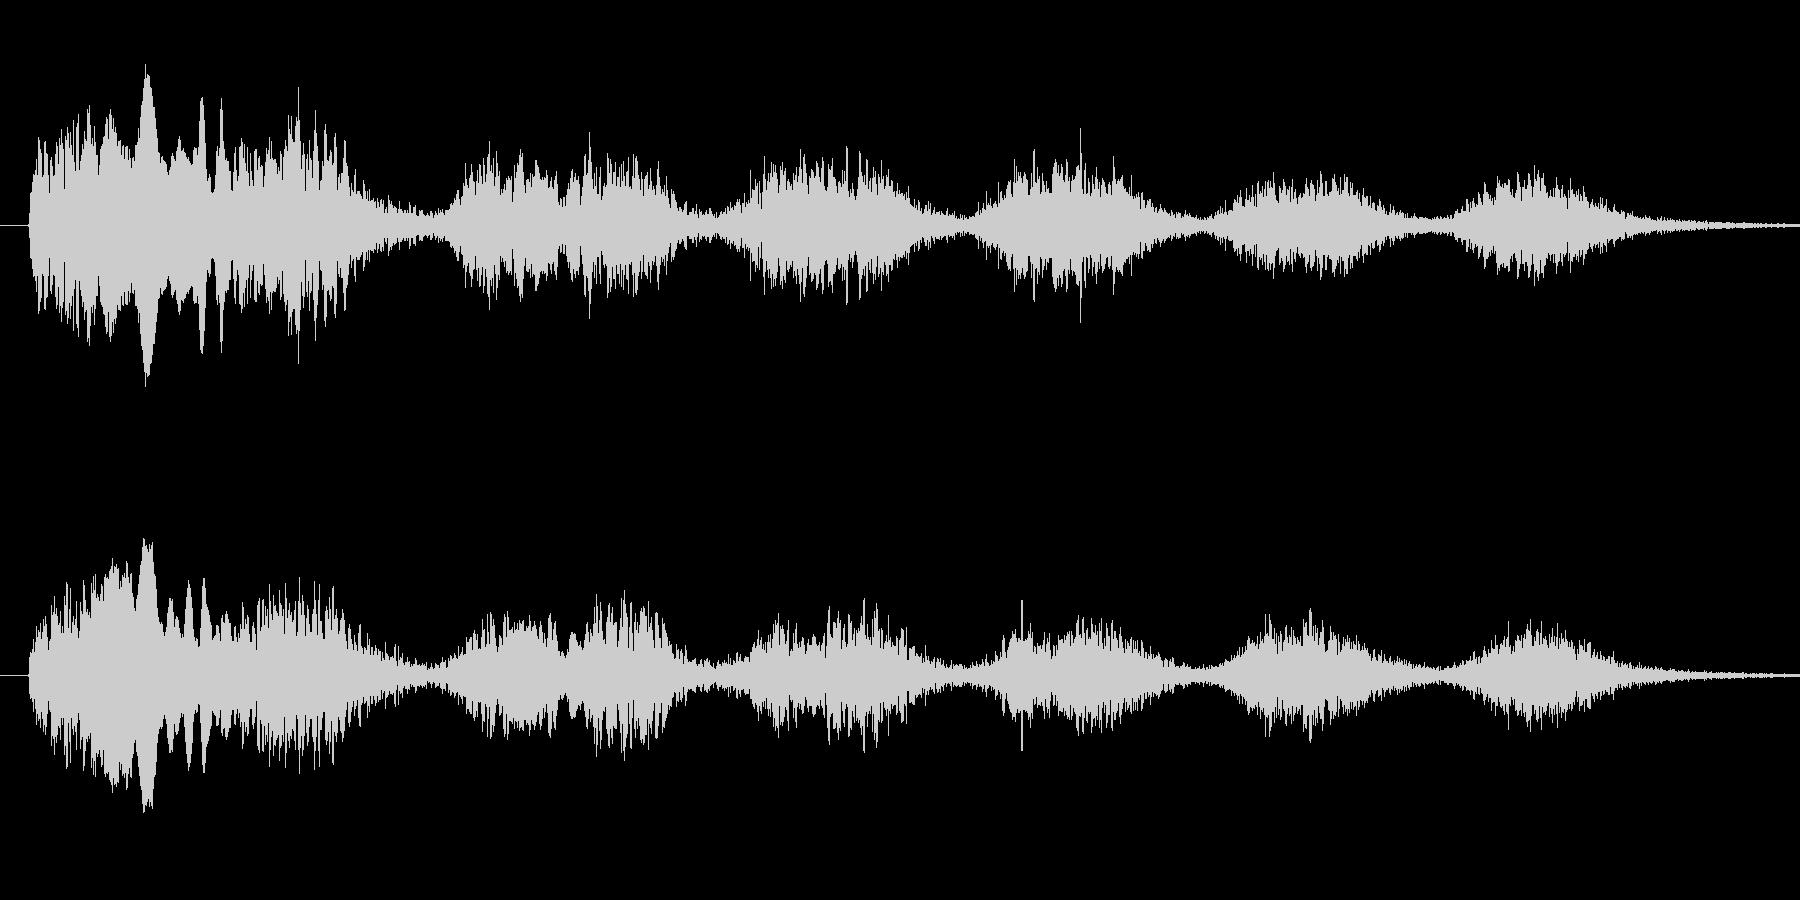 恐怖シリーズ20.怖い鳥の声(ノーマル)の未再生の波形